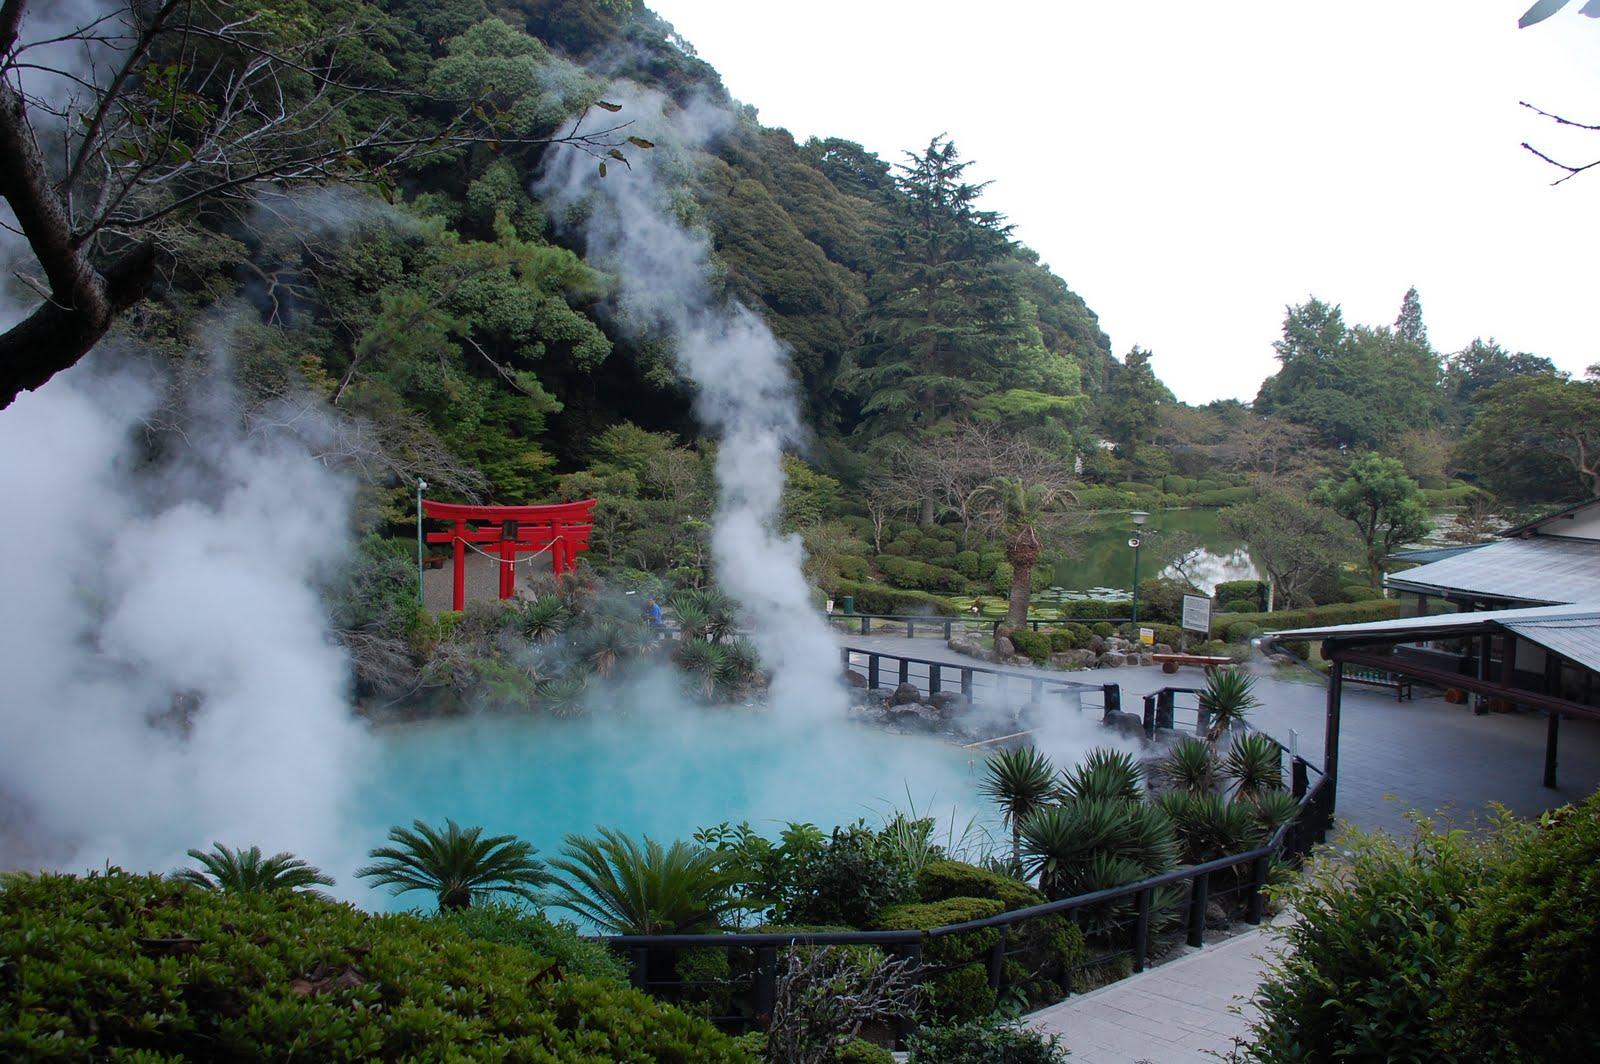 beleza-japonesa-beppu-e-os-nove-infernos-secret-world